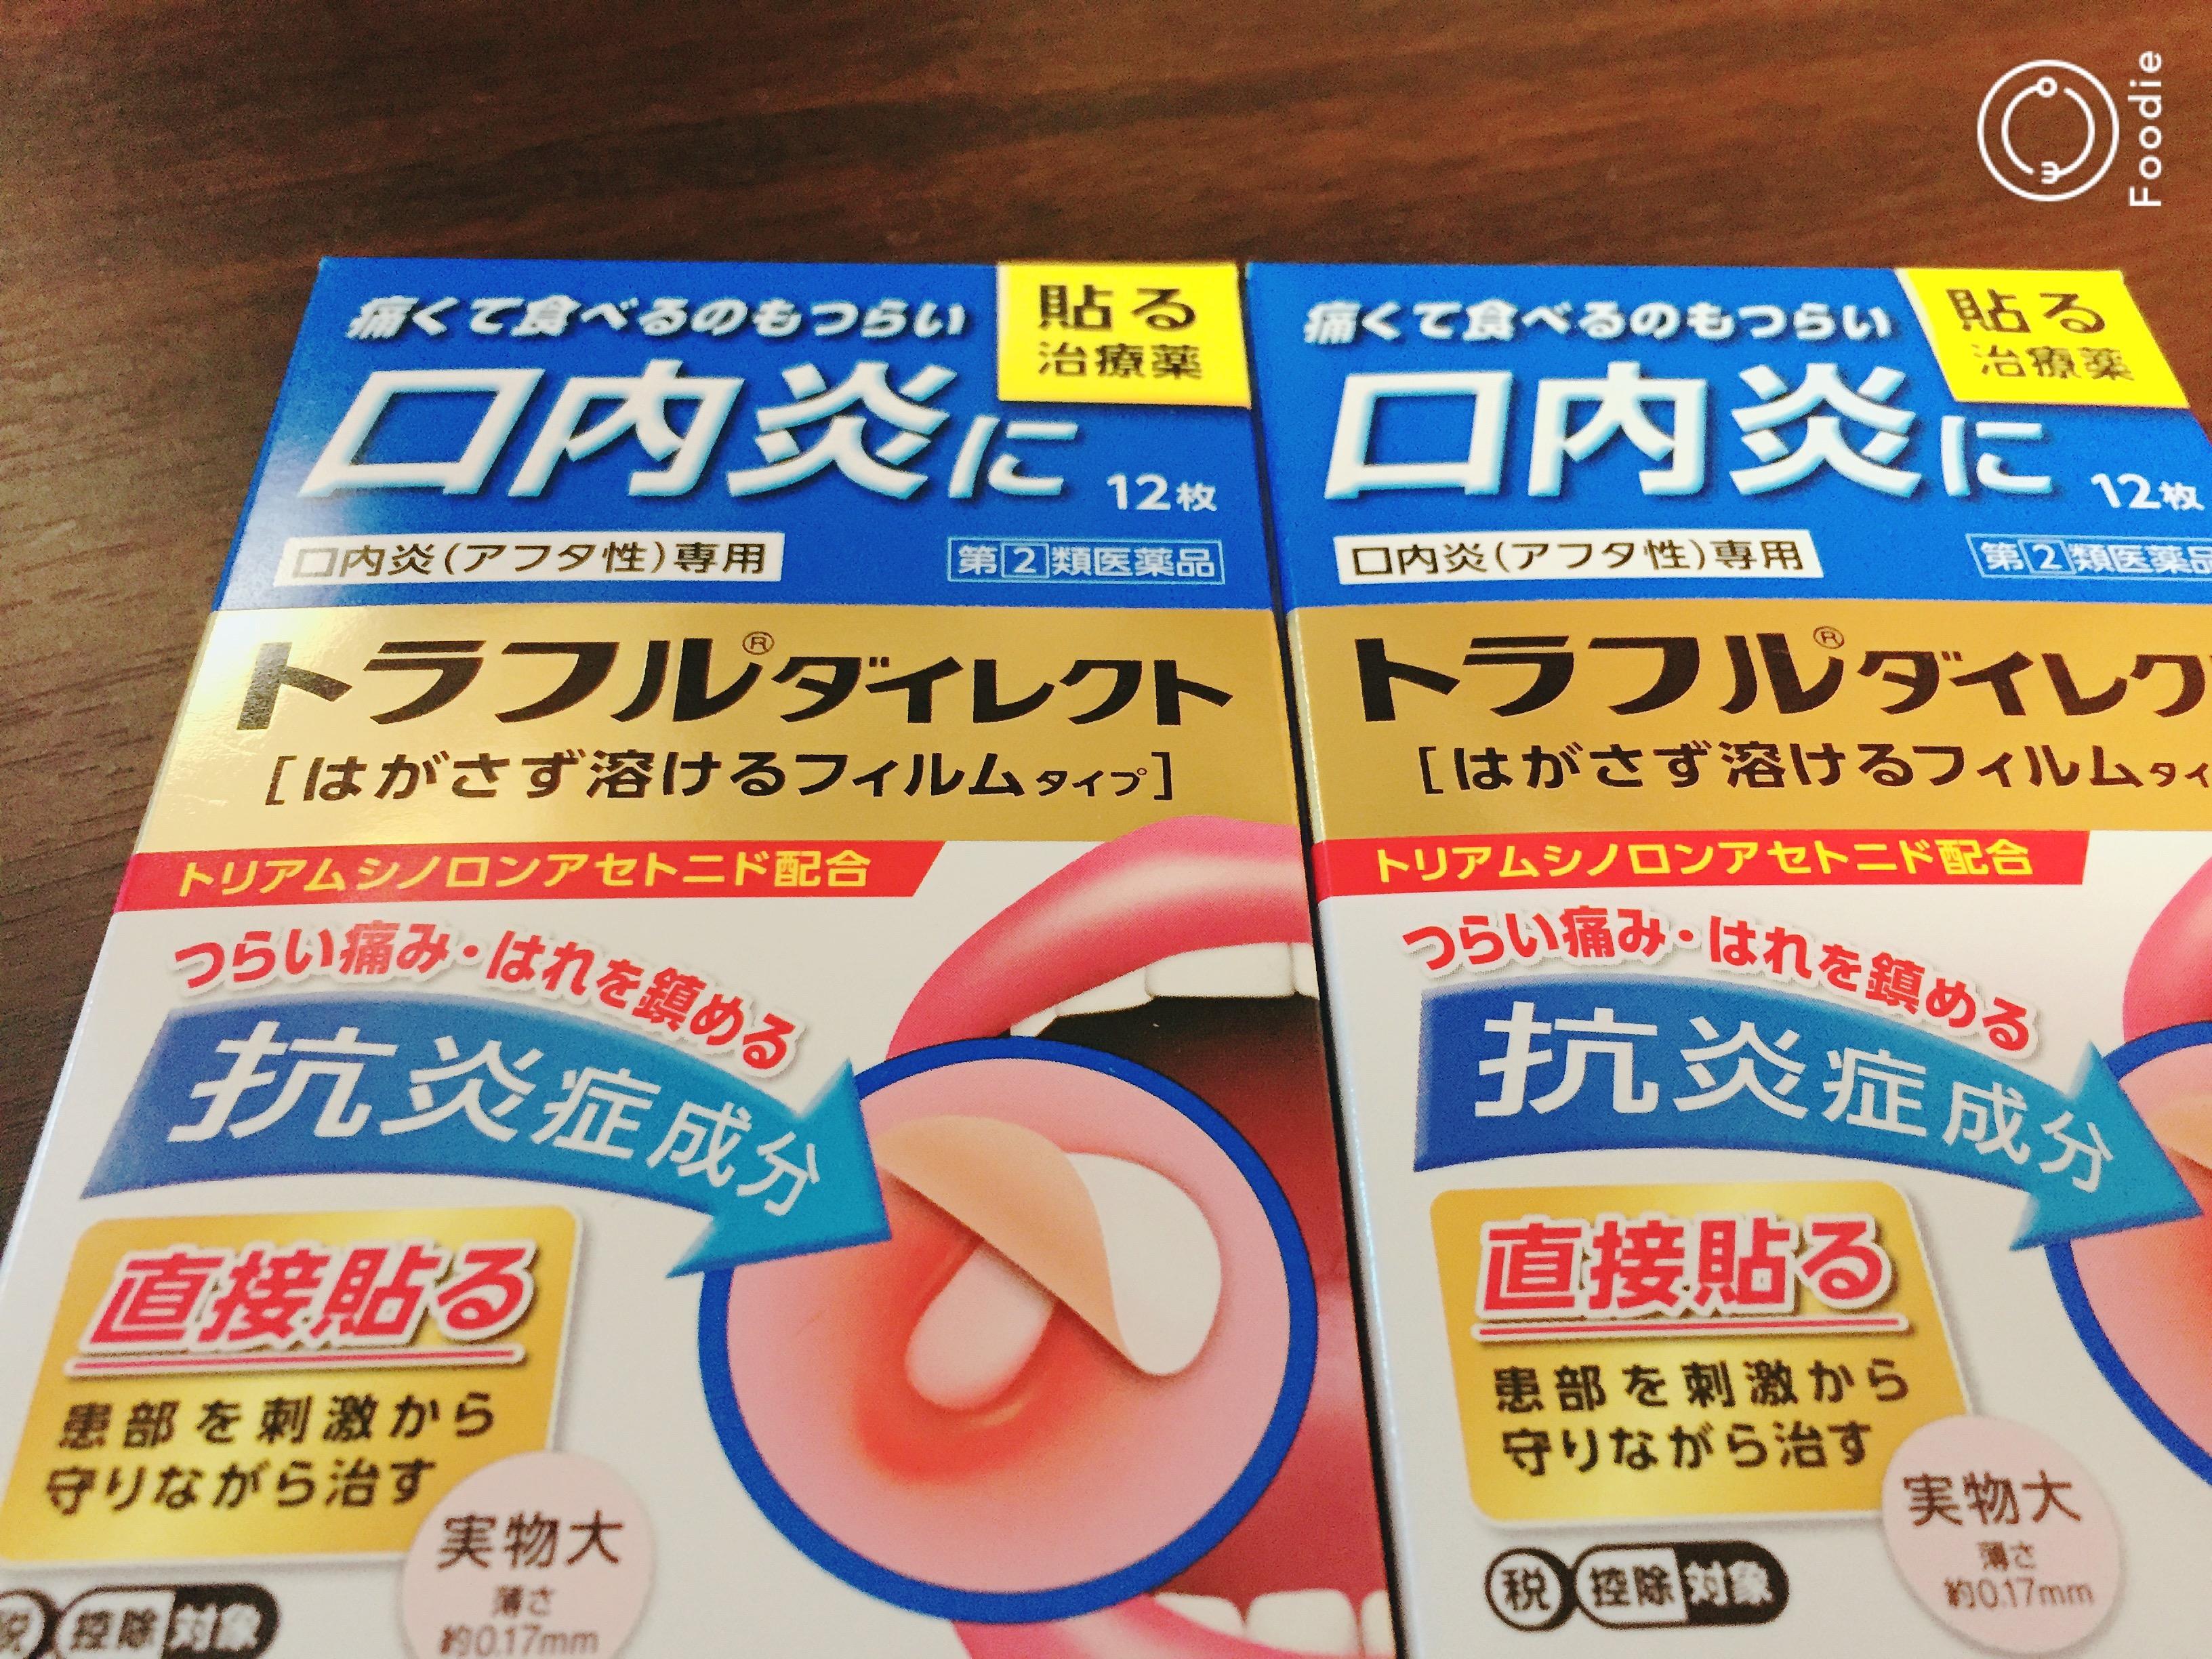 口内炎で辛い時は貼るタイプの薬